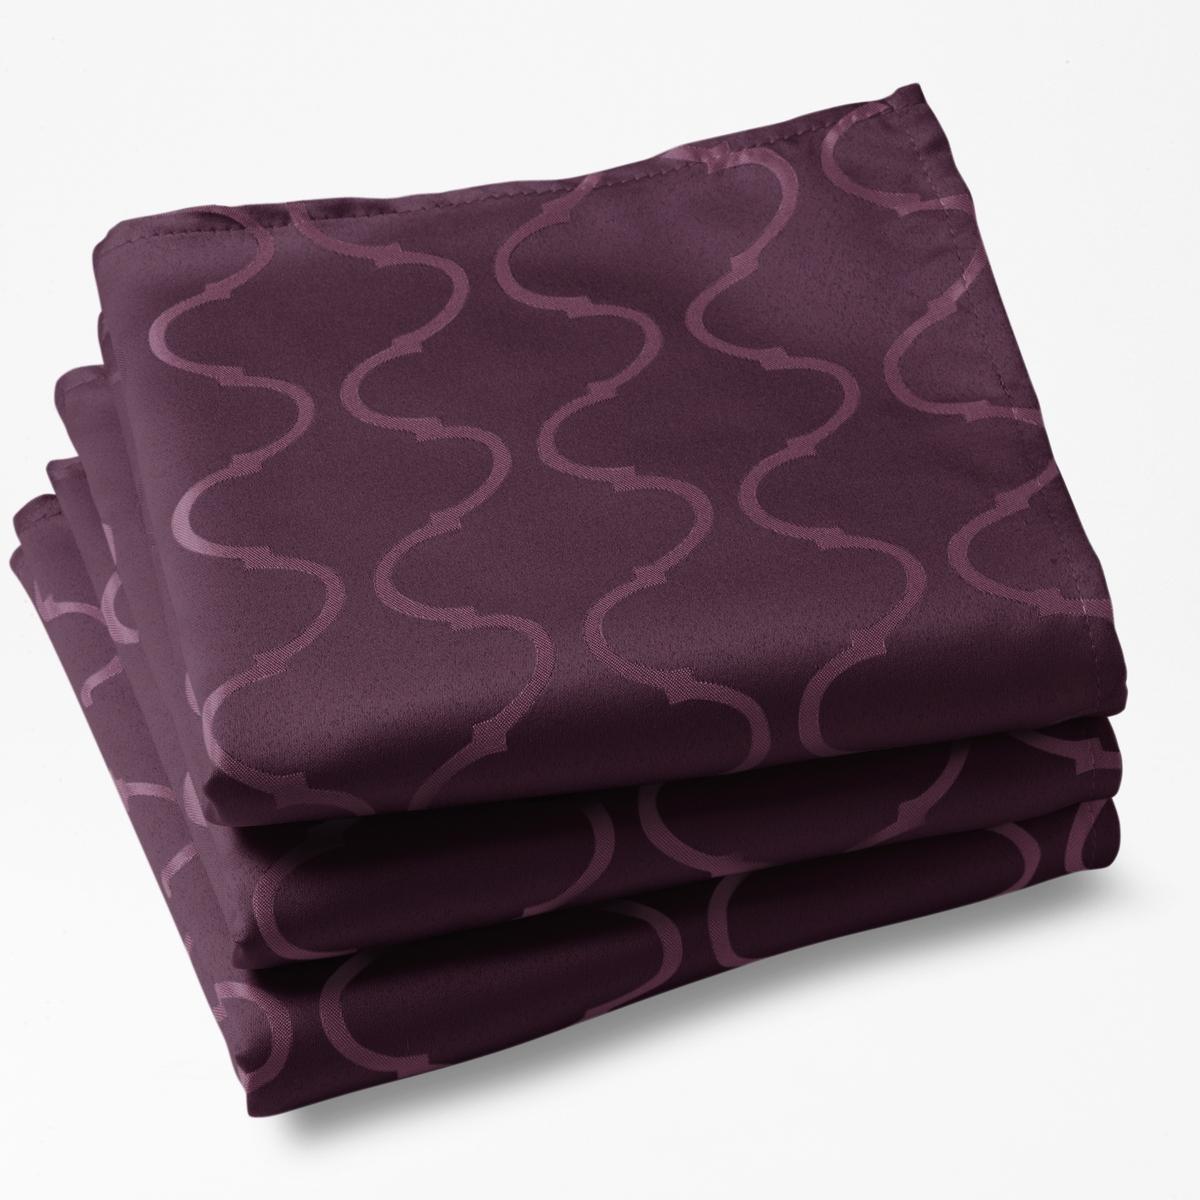 Комплект из 3-х салфеток c узором, Salom?.Характеристики:Материал: 100% полиэстера.Уход: машинная стирка при 40°С.Отделка: подрубленные края.Не гладить: ткань не мнётся. Размеры:- 45 см x 45 см.<br><br>Цвет: белый,красный,серый,ярко-фиолетовый<br>Размер: 45 x 45  см